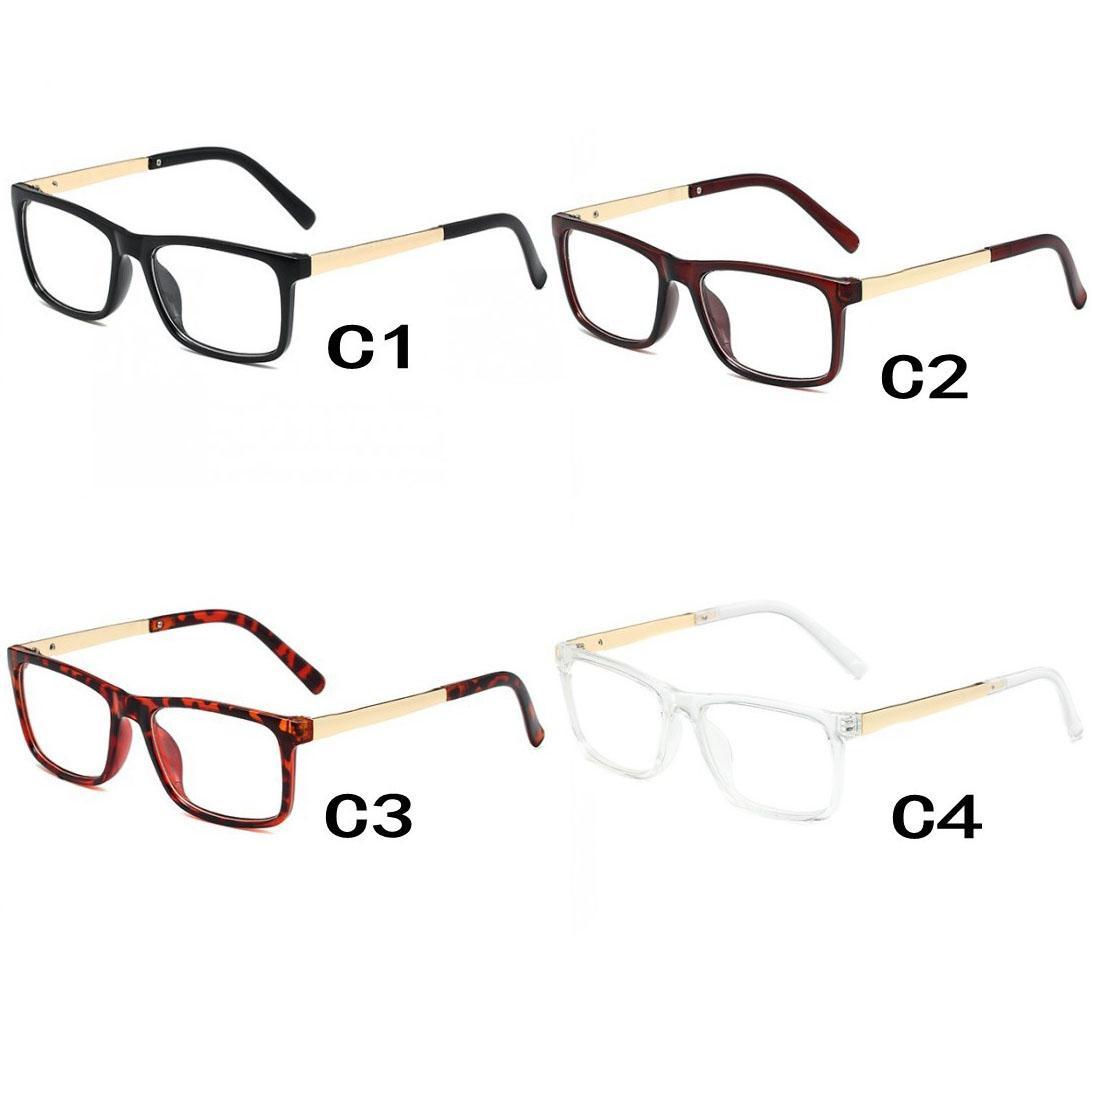 Okulary optyczne w USA Europejska Moda Sunglass Unisex Universal Okulary przeciwsłoneczne Wyczyść Przezroczyste Obiektywy 4 Kolory Ładne Ramki Ramki Vintage Eyeglasses